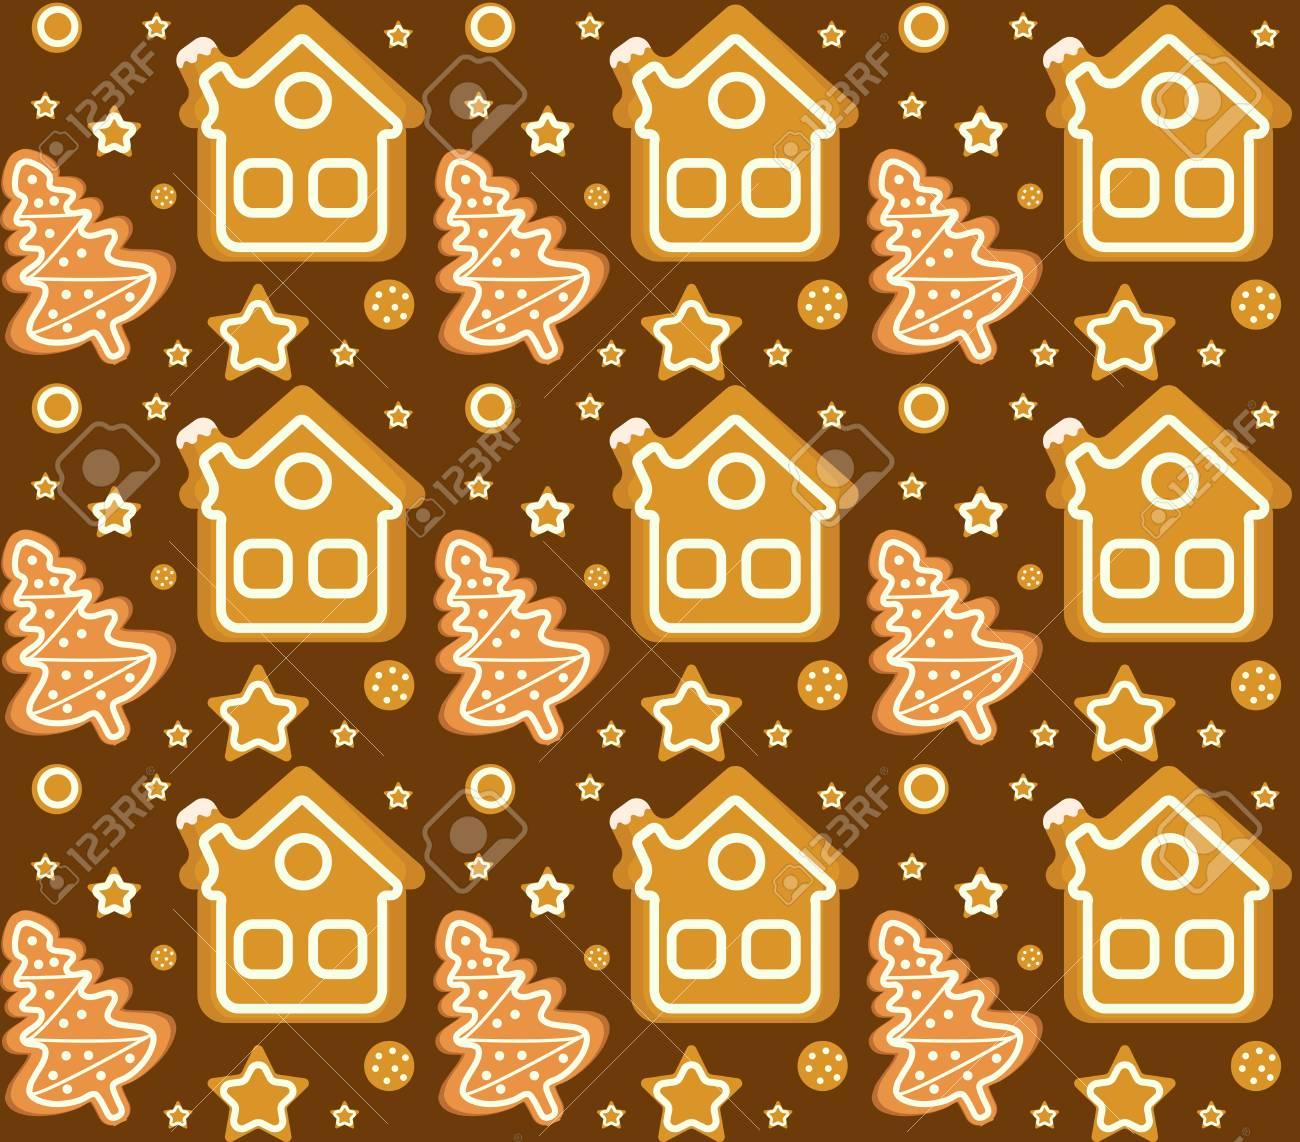 クリスマス ジンジャーブレッドハウス作りシームレス パターン